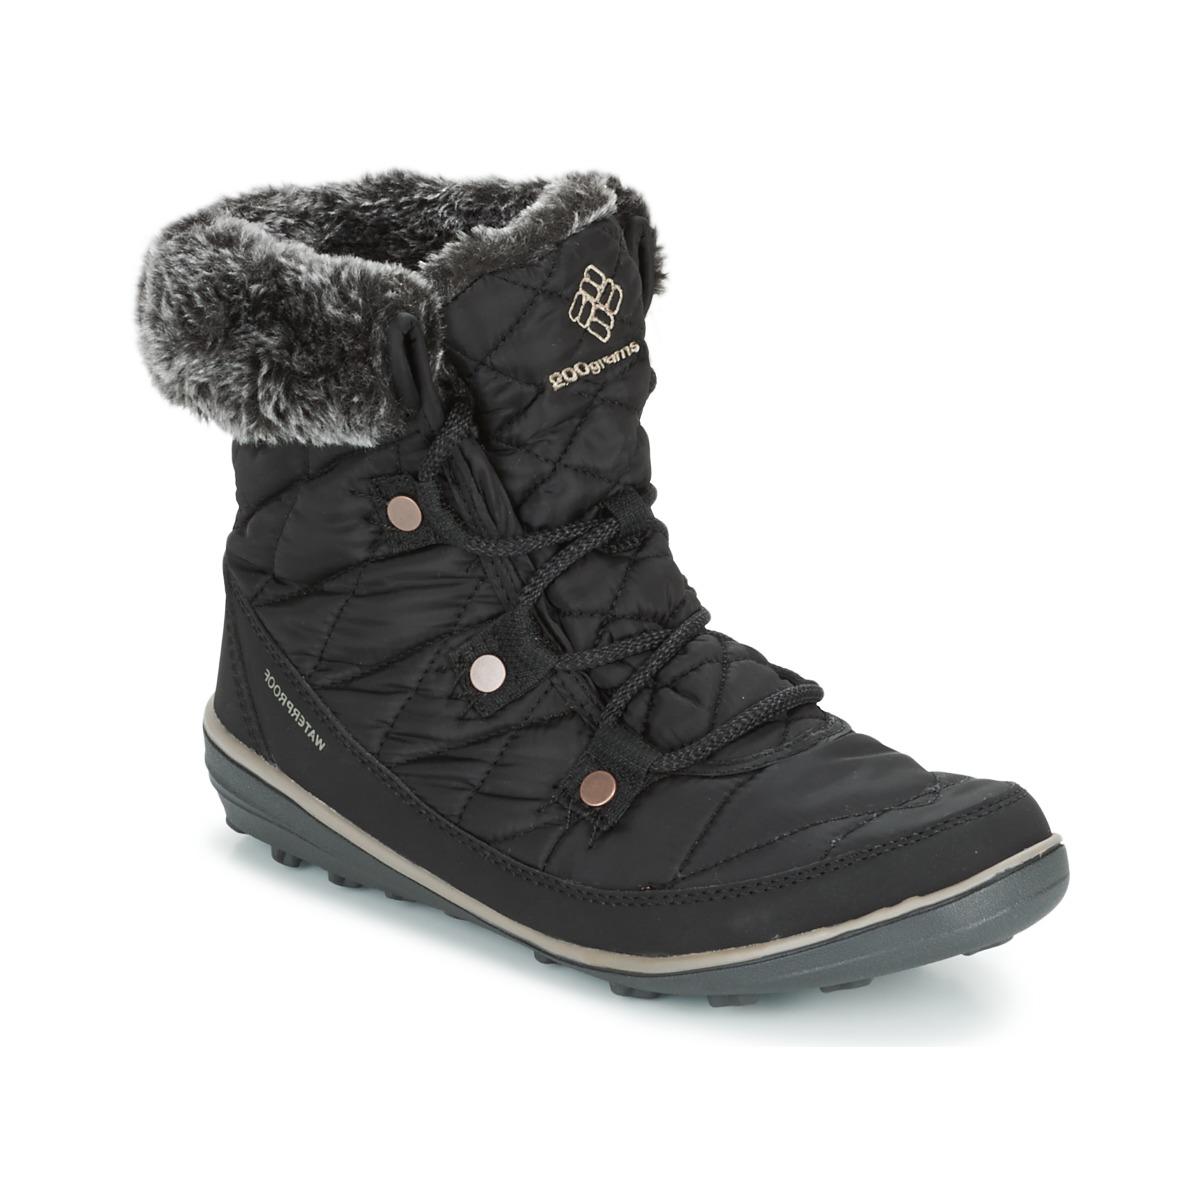 Columbia HEAVENLY SHORTY OMNI-HEAT Schwarz - Kostenloser Versand bei Spartoode ! - Schuhe Schneestiefel Damen 109,00 €